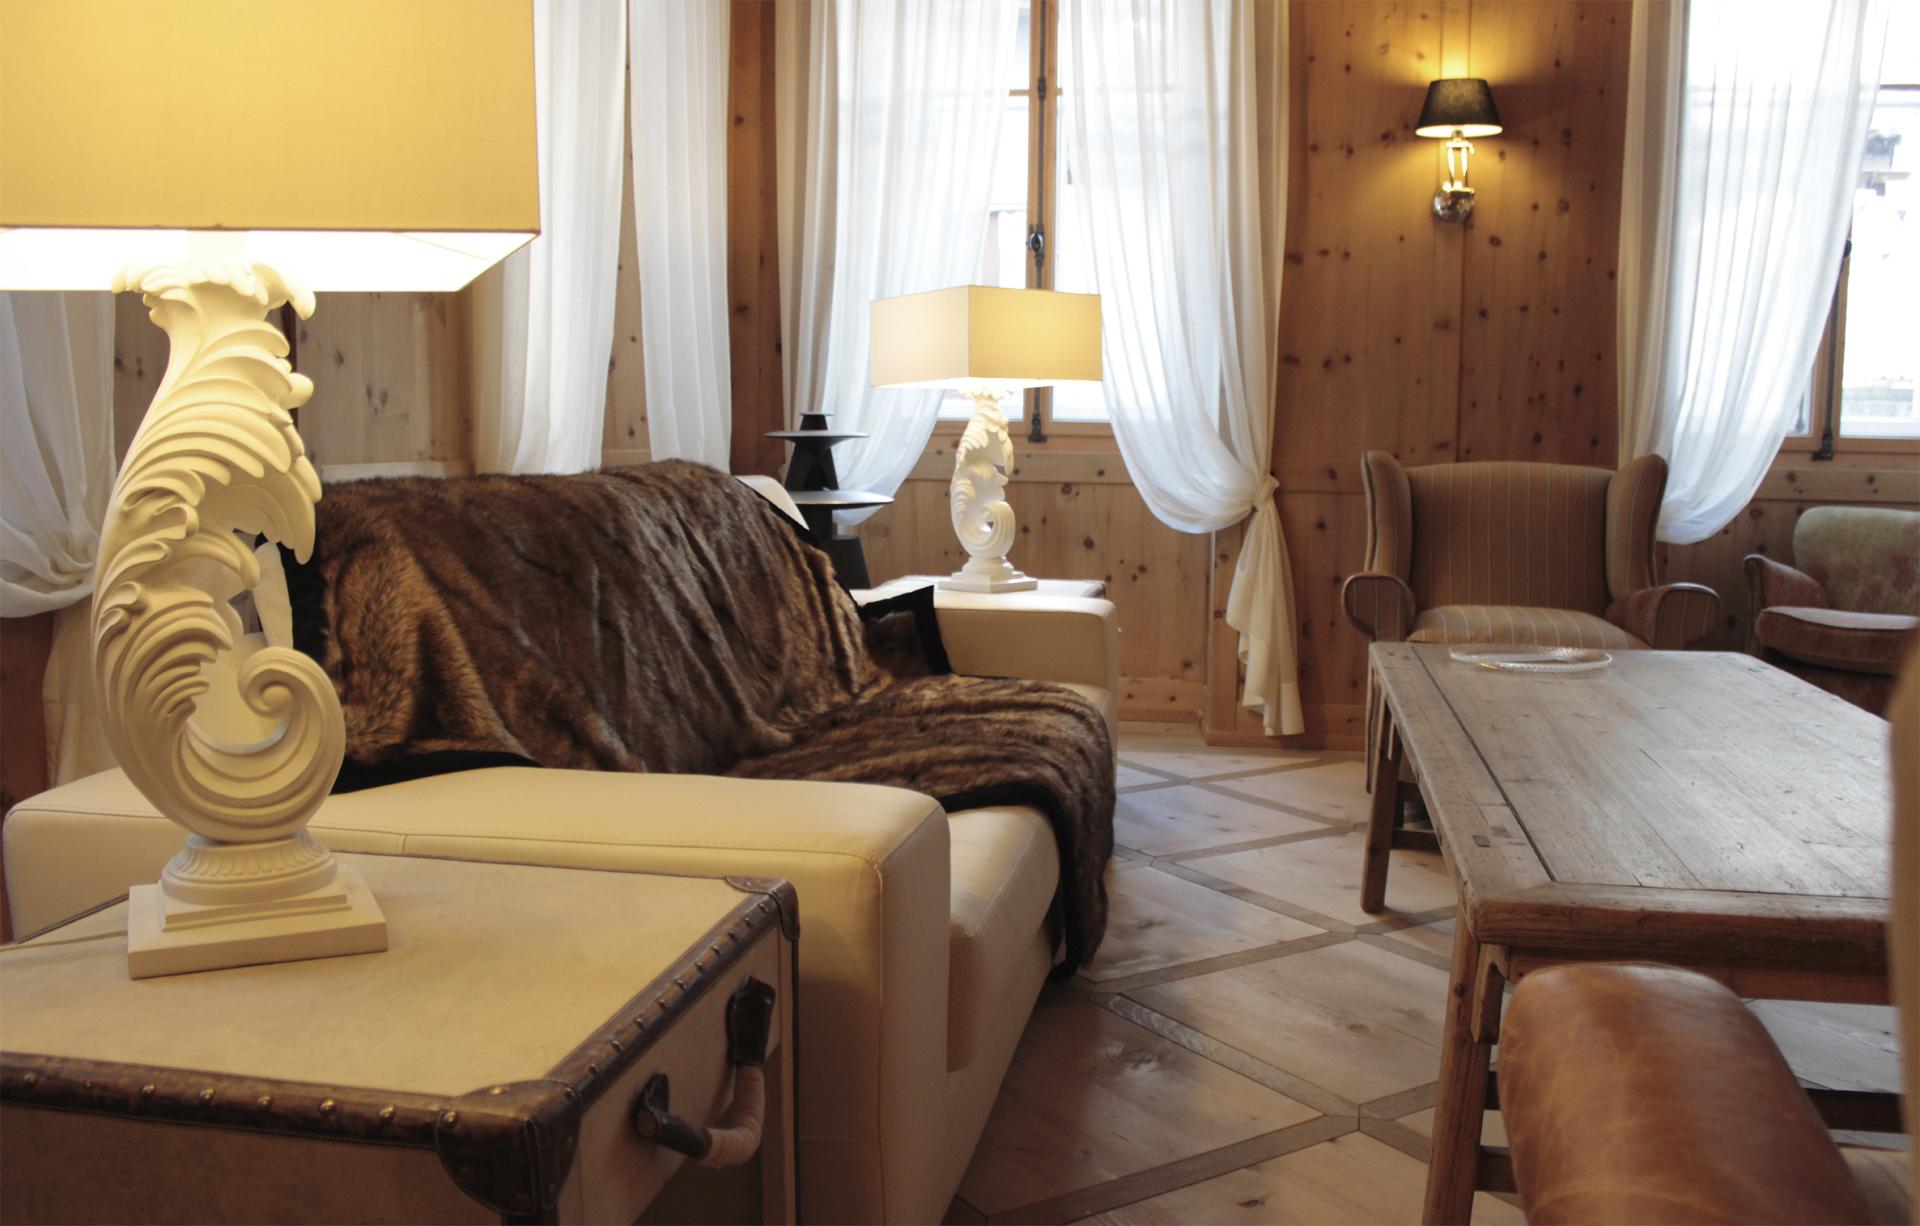 tischlerei-decker-wohnung-schweiz-wohnzimmer